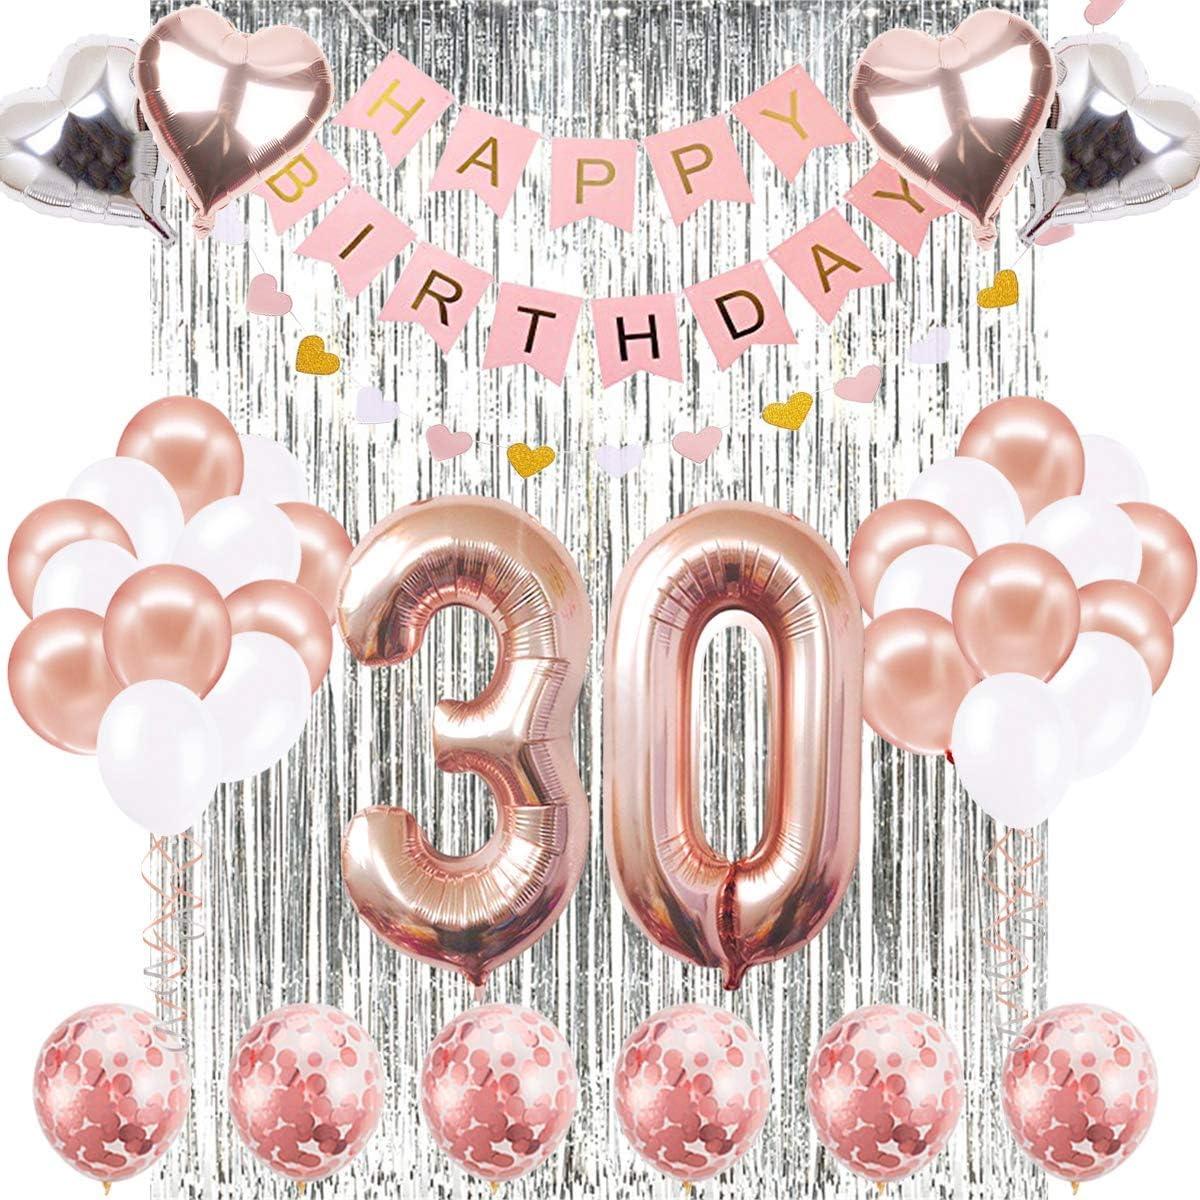 Decoraciones de Cumpleaños Número 30 Banner Globo Decoraciones de Cumpleaños Número 30 Artículos de Fiesta Regalos Para Mujeres Globos Número 30 de Oro Rosa, Globos de Confeti de Oro Rosa